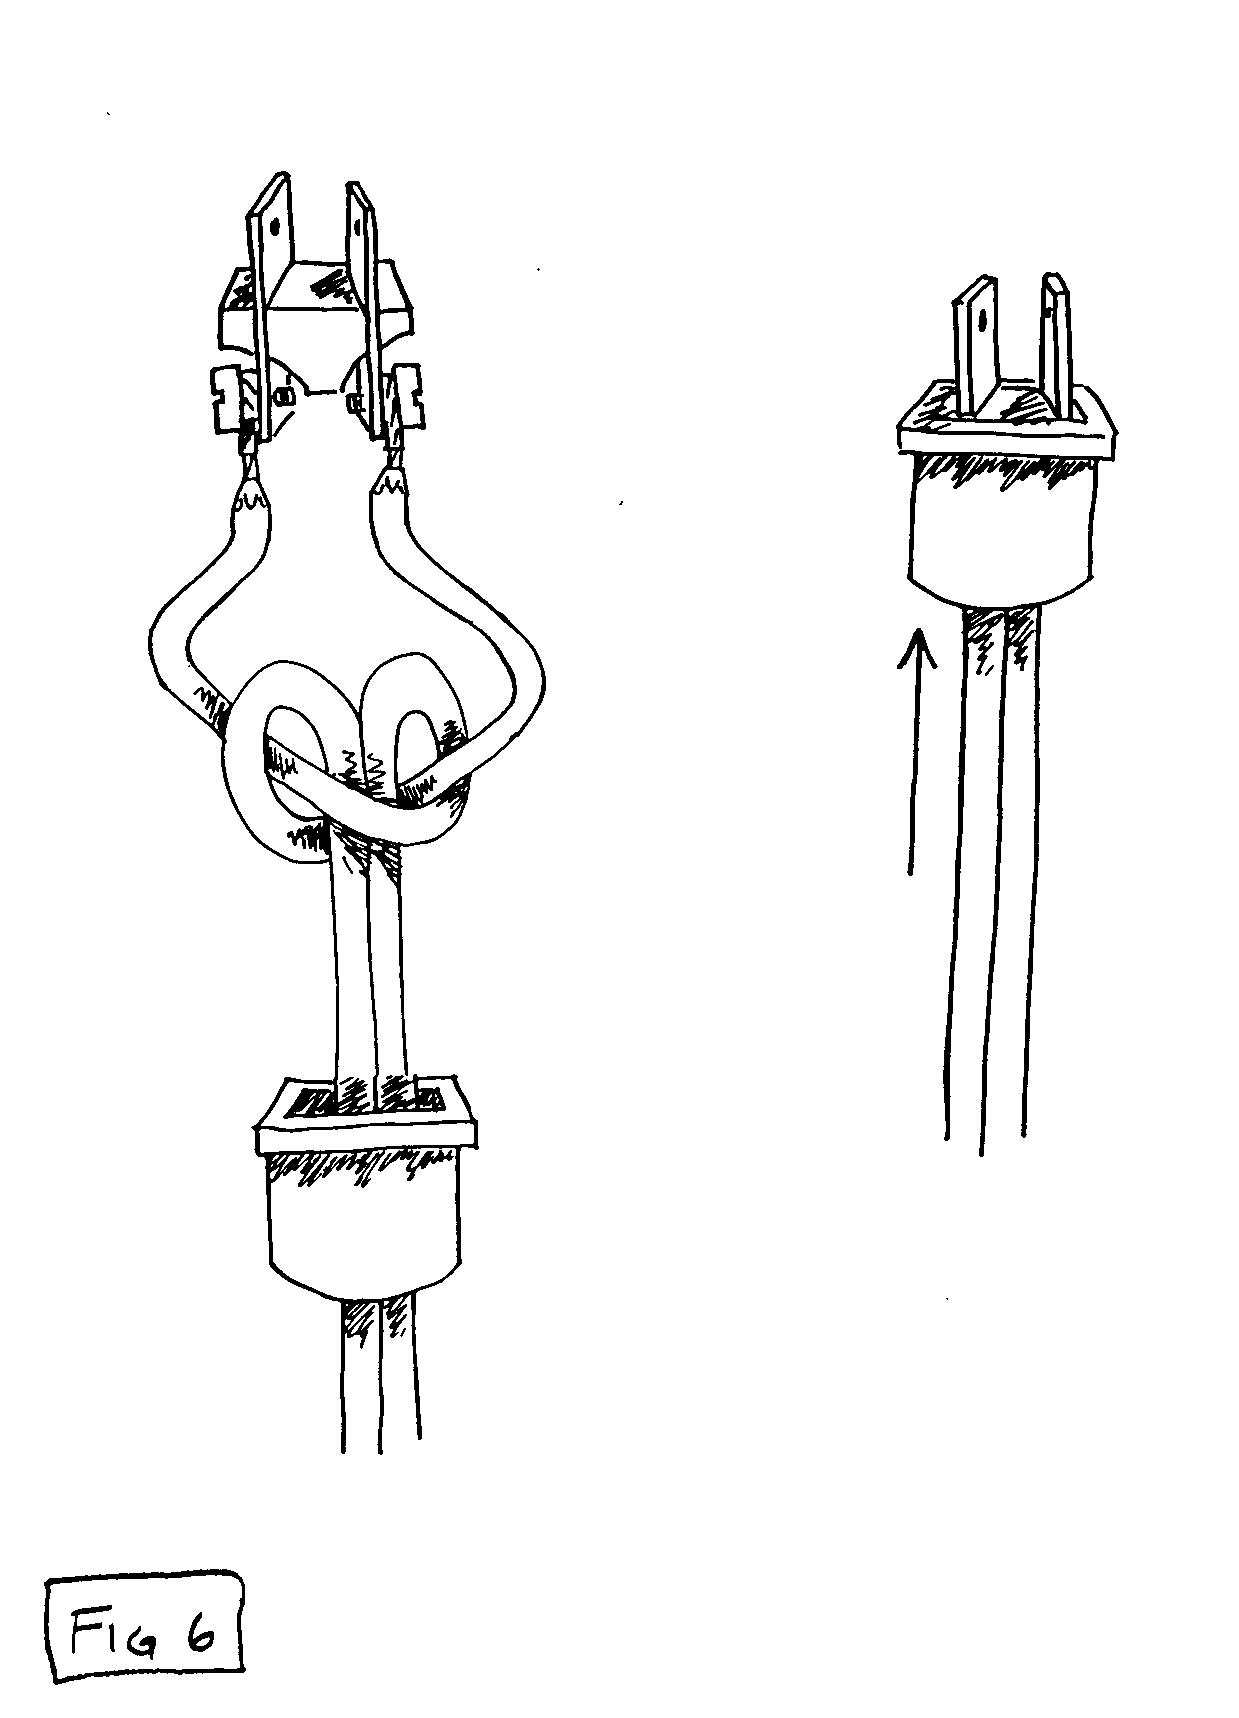 Three Prong Plug Lamps